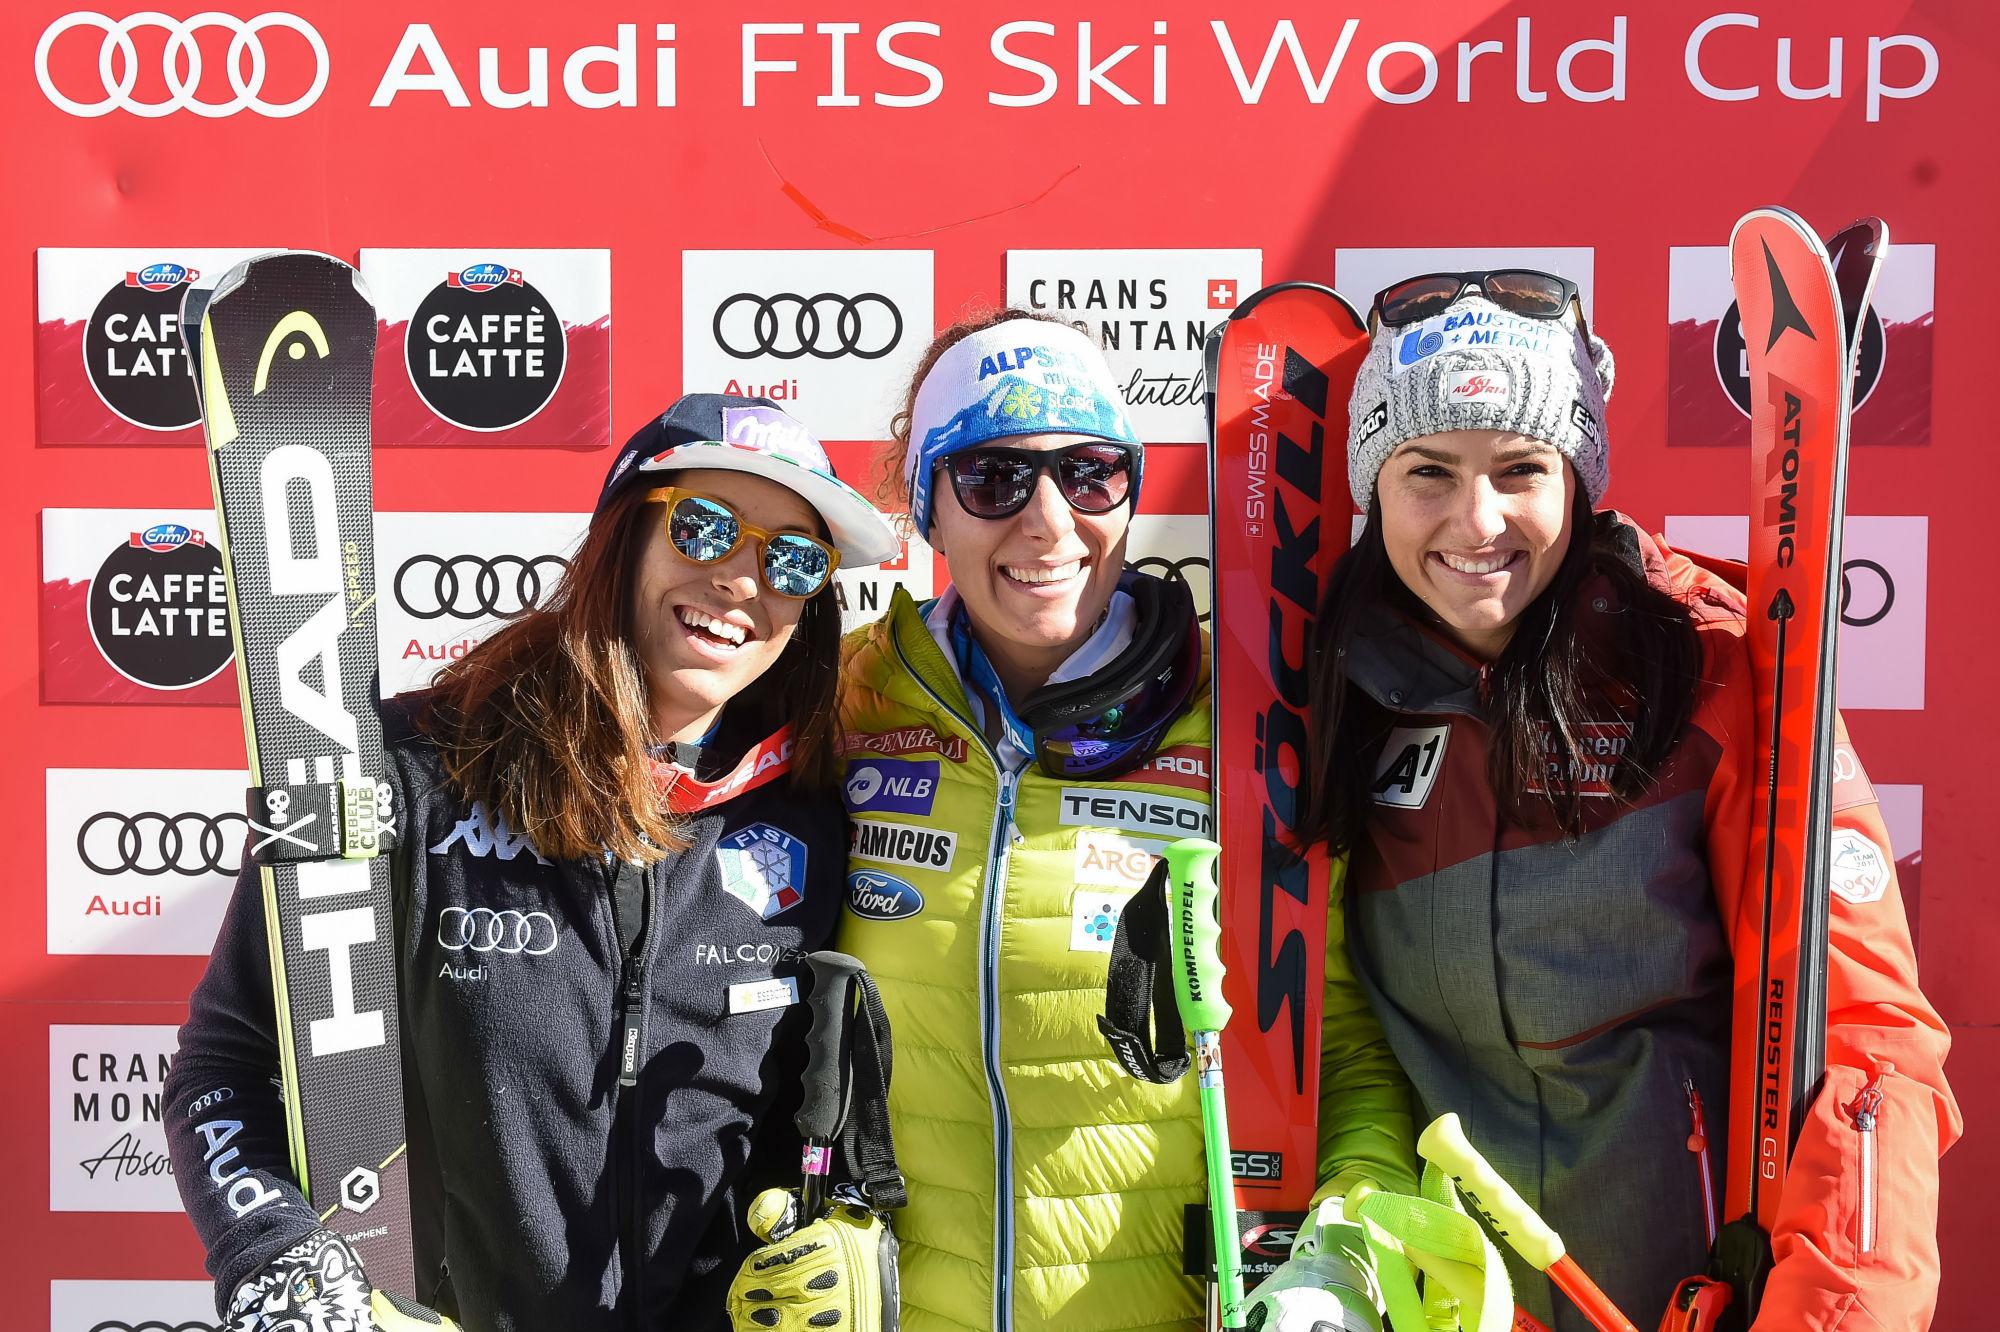 Da sinistra: Elena Curtoni, Ilka Stuhec e Stephanie Venier. Il podio del quinto superG stagionale a Crans Montana (@Zoom agence)